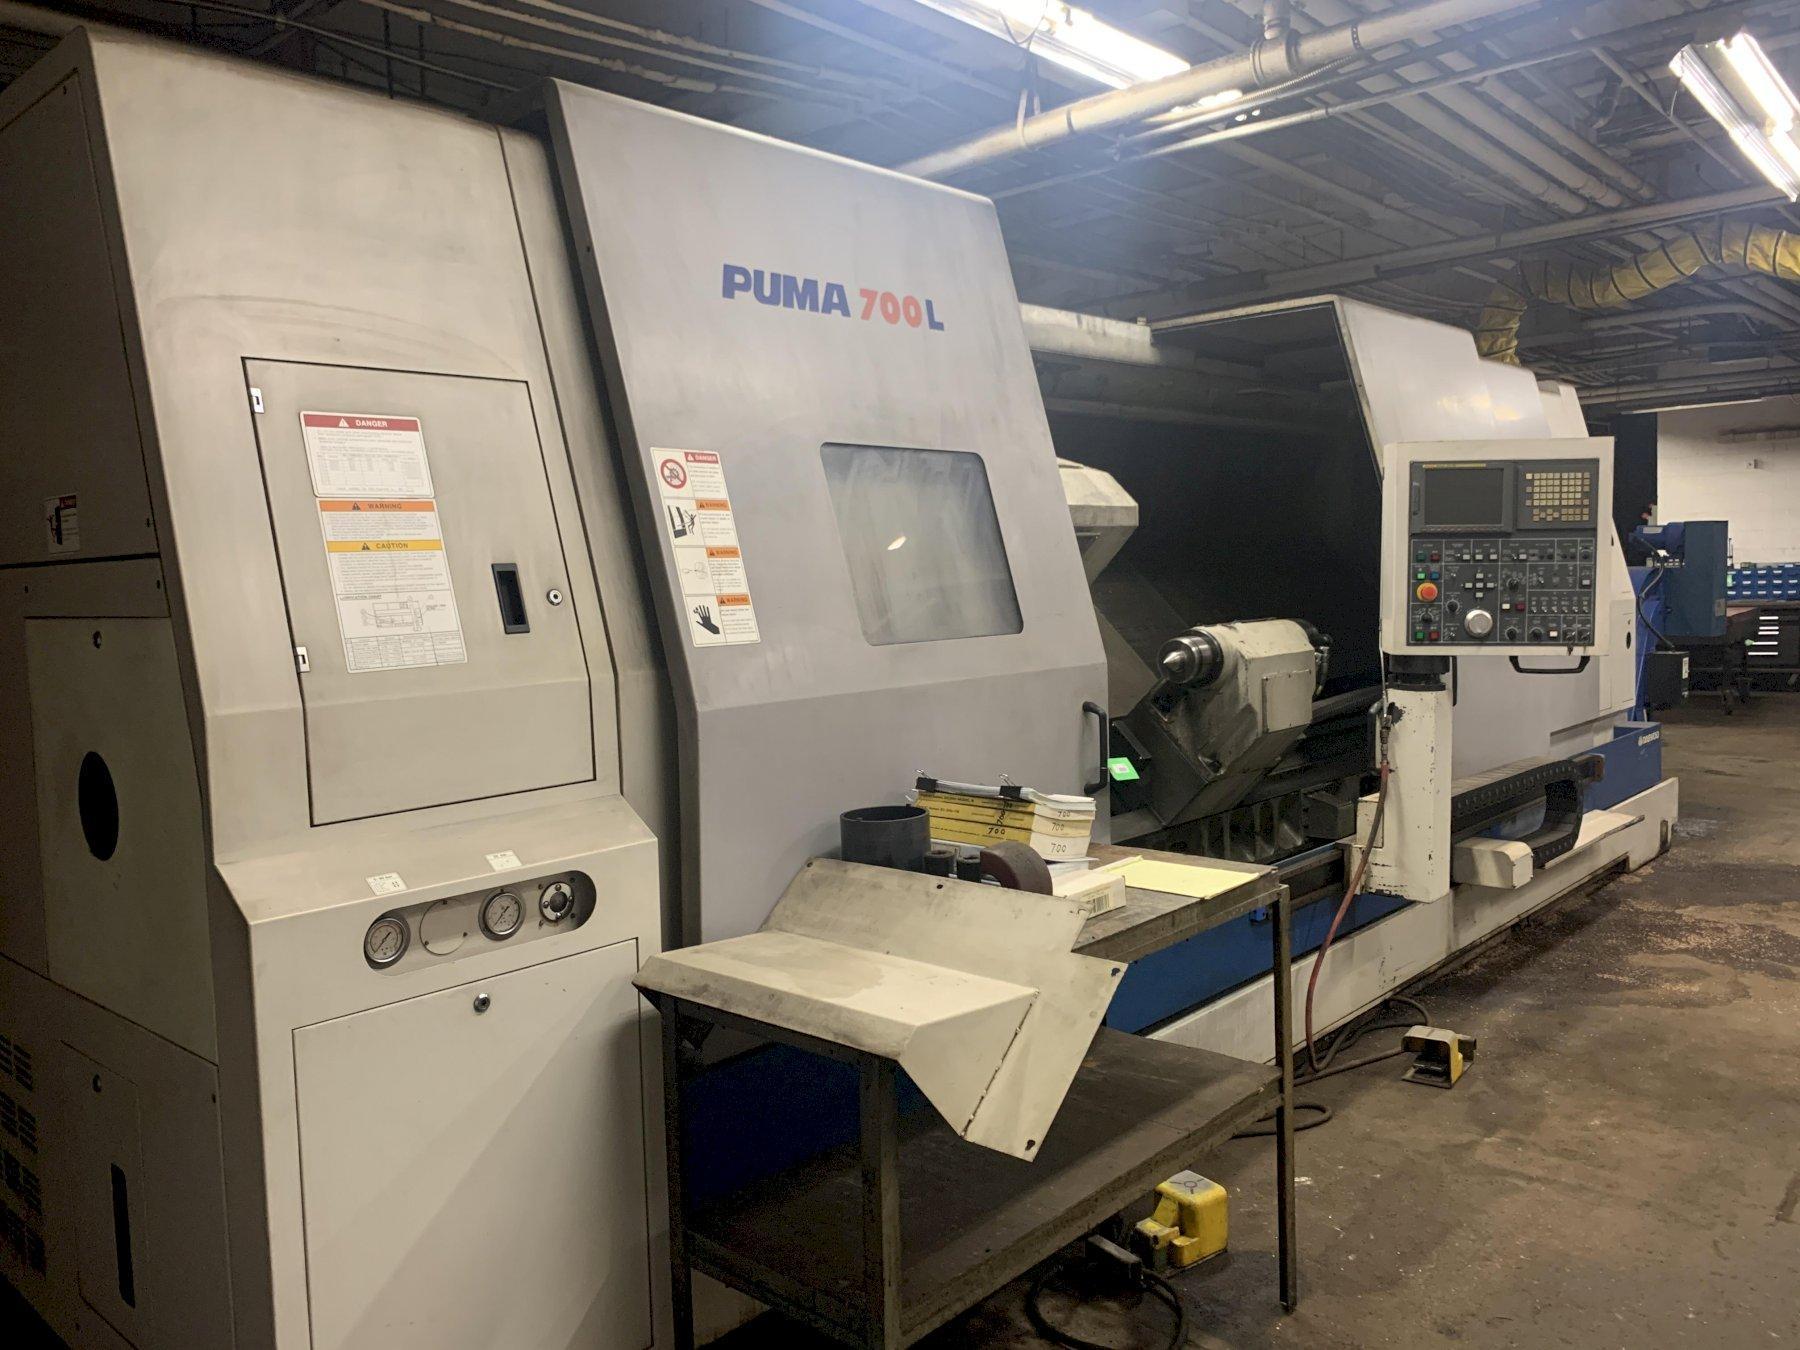 """Doosan Puma 700L CNC Lathe, Fanuc 21iTB, 24"""" Chuck, 6.1"""" Bar Capacity, 126"""" Centers, 12 Position"""